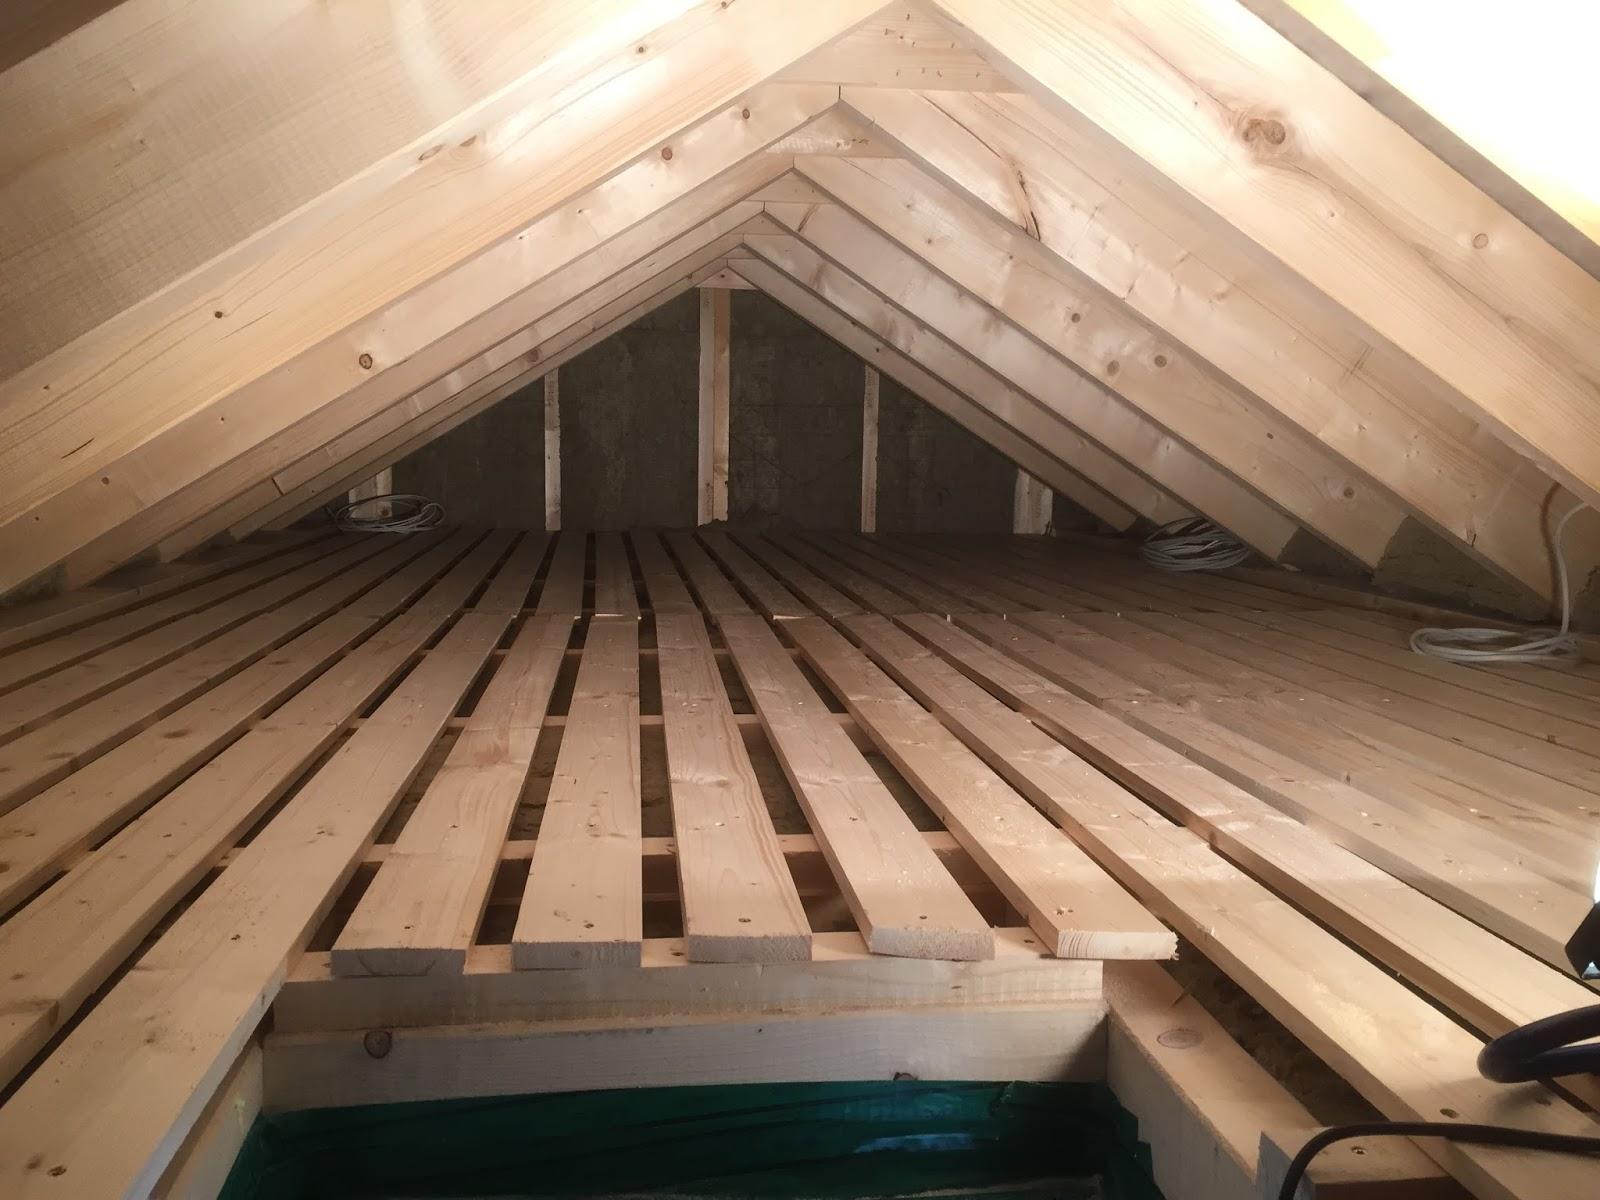 Ausbau Dachgeschoss Kosten Pro Qm Dachboden Ausbauen Kosten